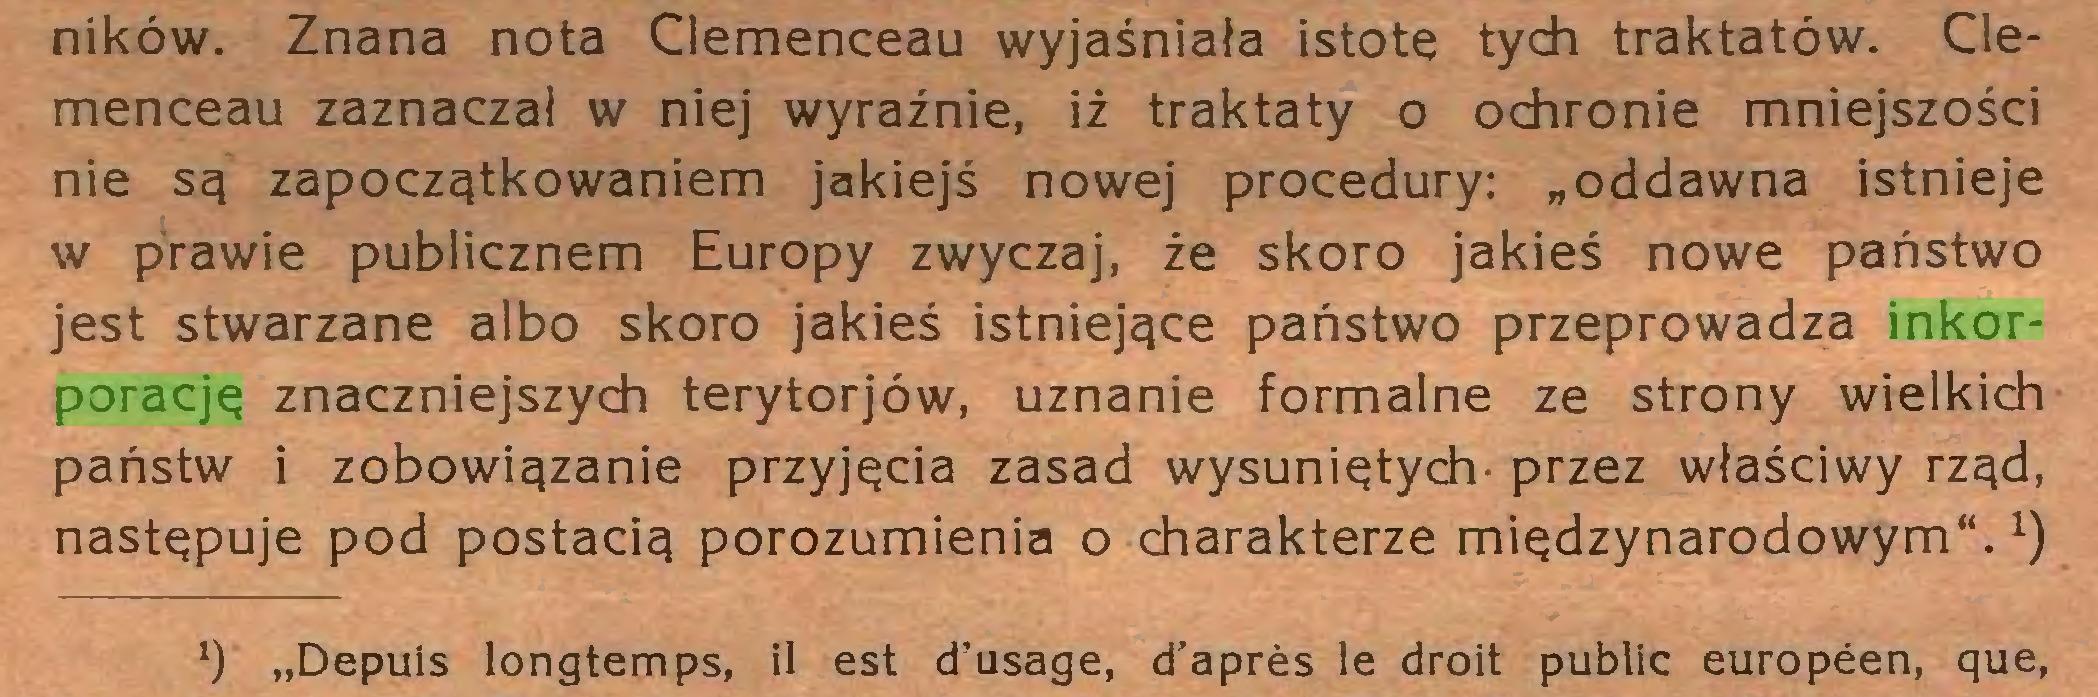 """(...) ników. Znana nota Clemenceau wyjaśniała istotę tych traktatów. Clemenceau zaznaczał w niej wyraźnie, iż traktaty o ochronie mniejszości nie są zapoczątkowaniem jakiejś nowej procedury: """"oddawna istnieje w prawie publicznem Europy zwyczaj, że skoro jakieś nowe państwo jest stwarzane albo skoro jakieś istniejące państwo przeprowadza inkorporację znaczniejszych terytorjów, uznanie formalne ze strony wielkich państw i zobowiązanie przyjęcia zasad wysuniętych' przez właściwy rząd, następuje pod postacią porozumienia o charakterze międzynarodowym"""".1) !) """"Depuis longtemps, il est d'usage, d'après le droit public européen, que,..."""